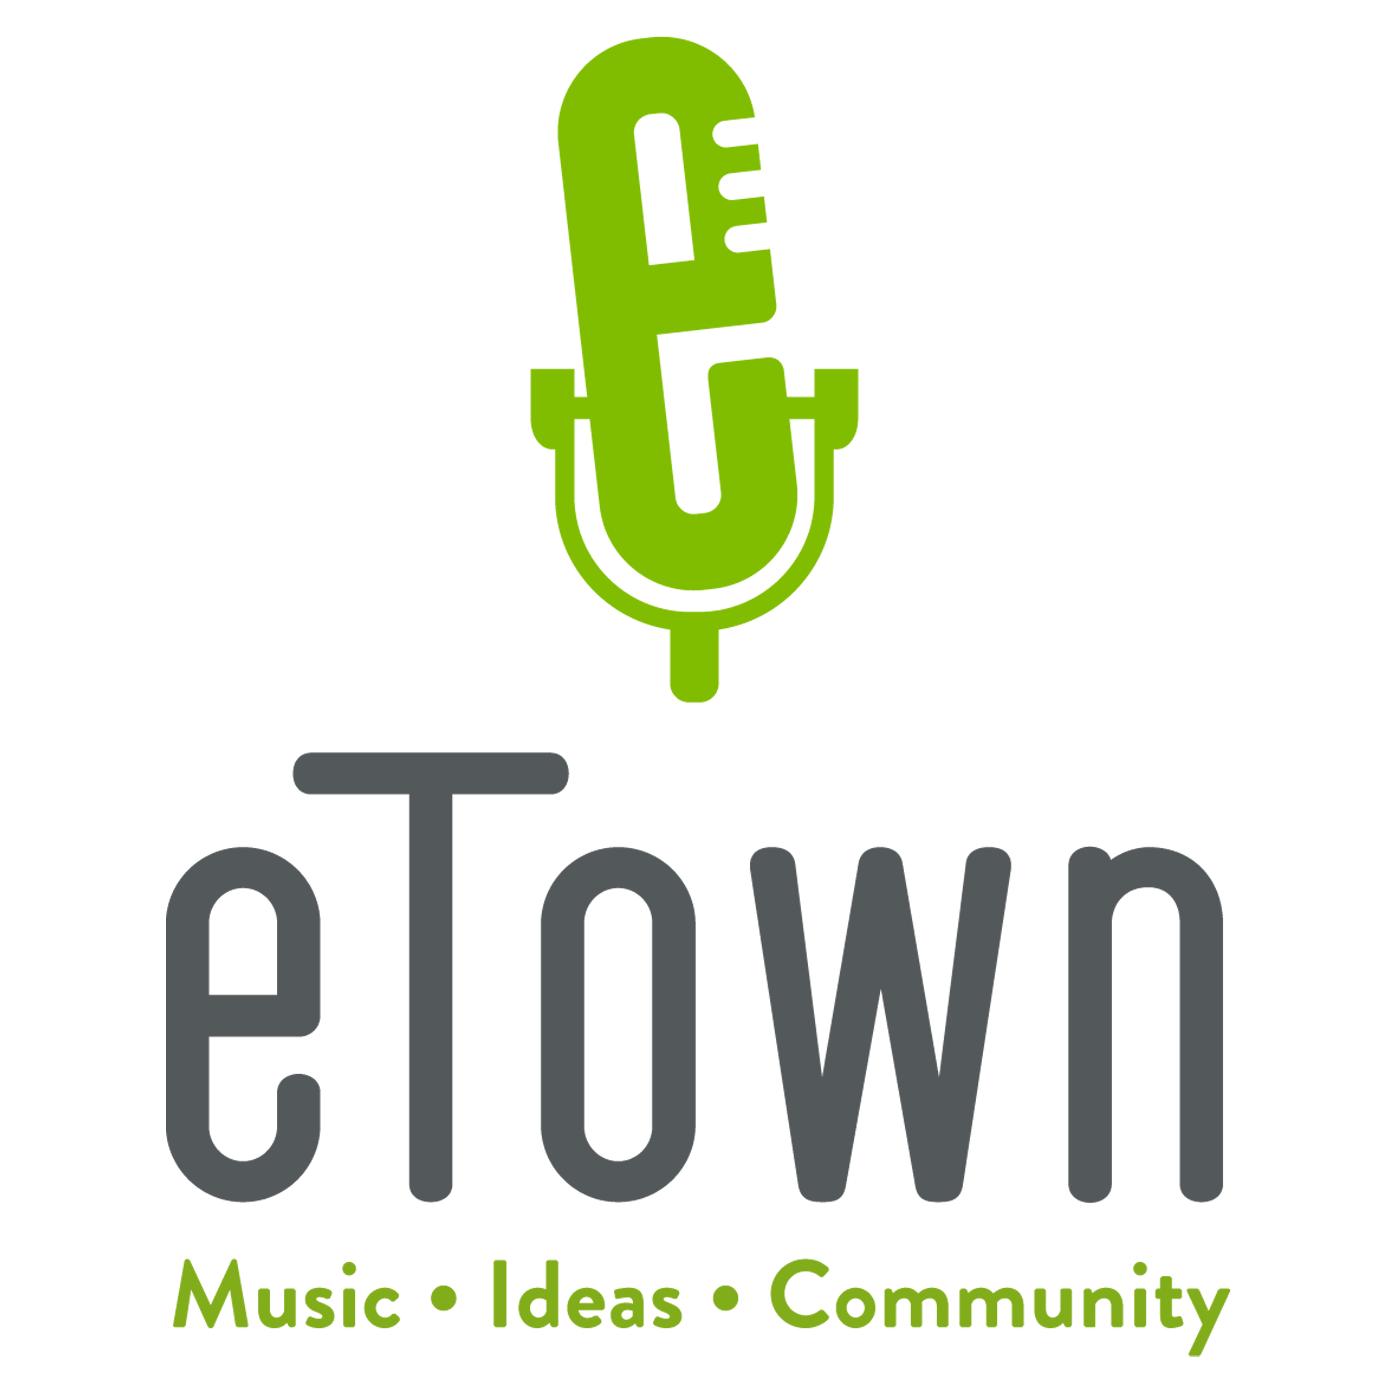 eTown_logo.jpg